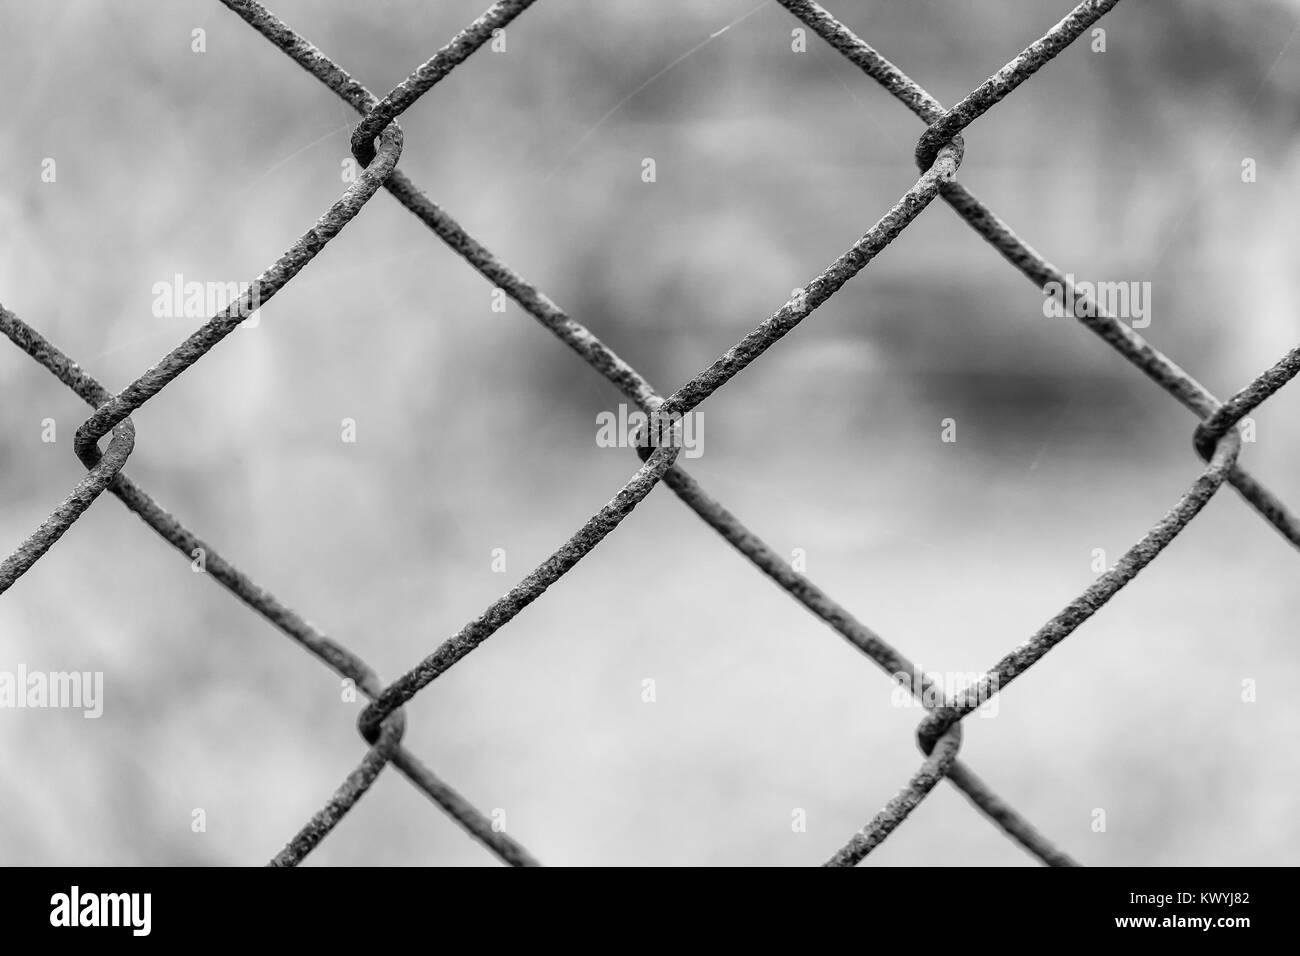 Steel Netting Stock Photos & Steel Netting Stock Images - Alamy